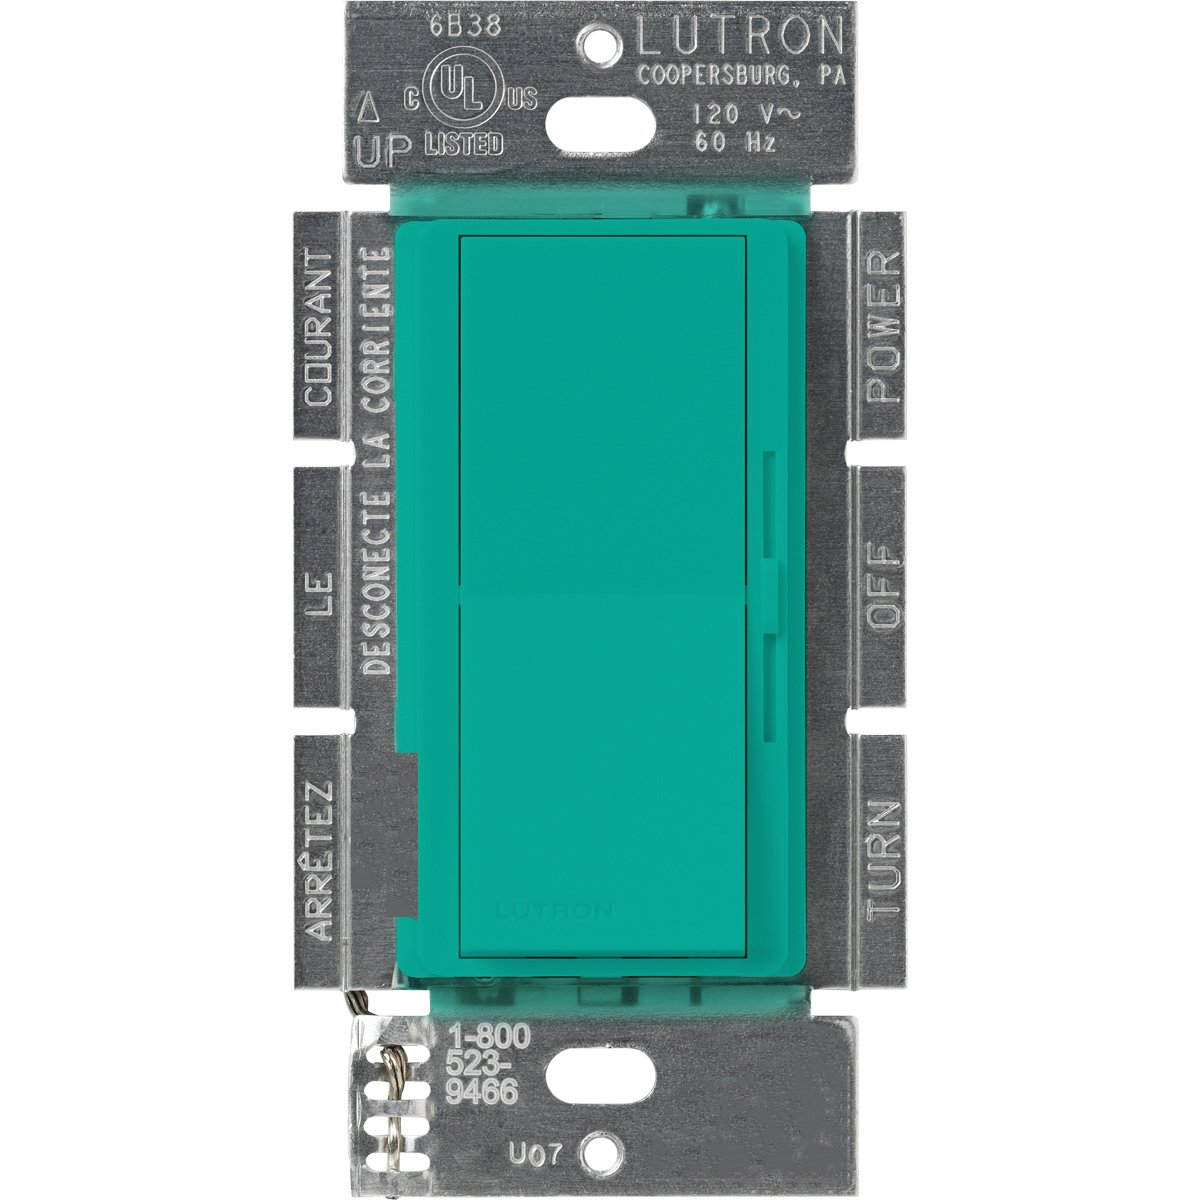 Lutron Diva 1000ワット 調光器 DVSC-10P-TQ 1 B0016ZOCUW ターコイズ ターコイズ